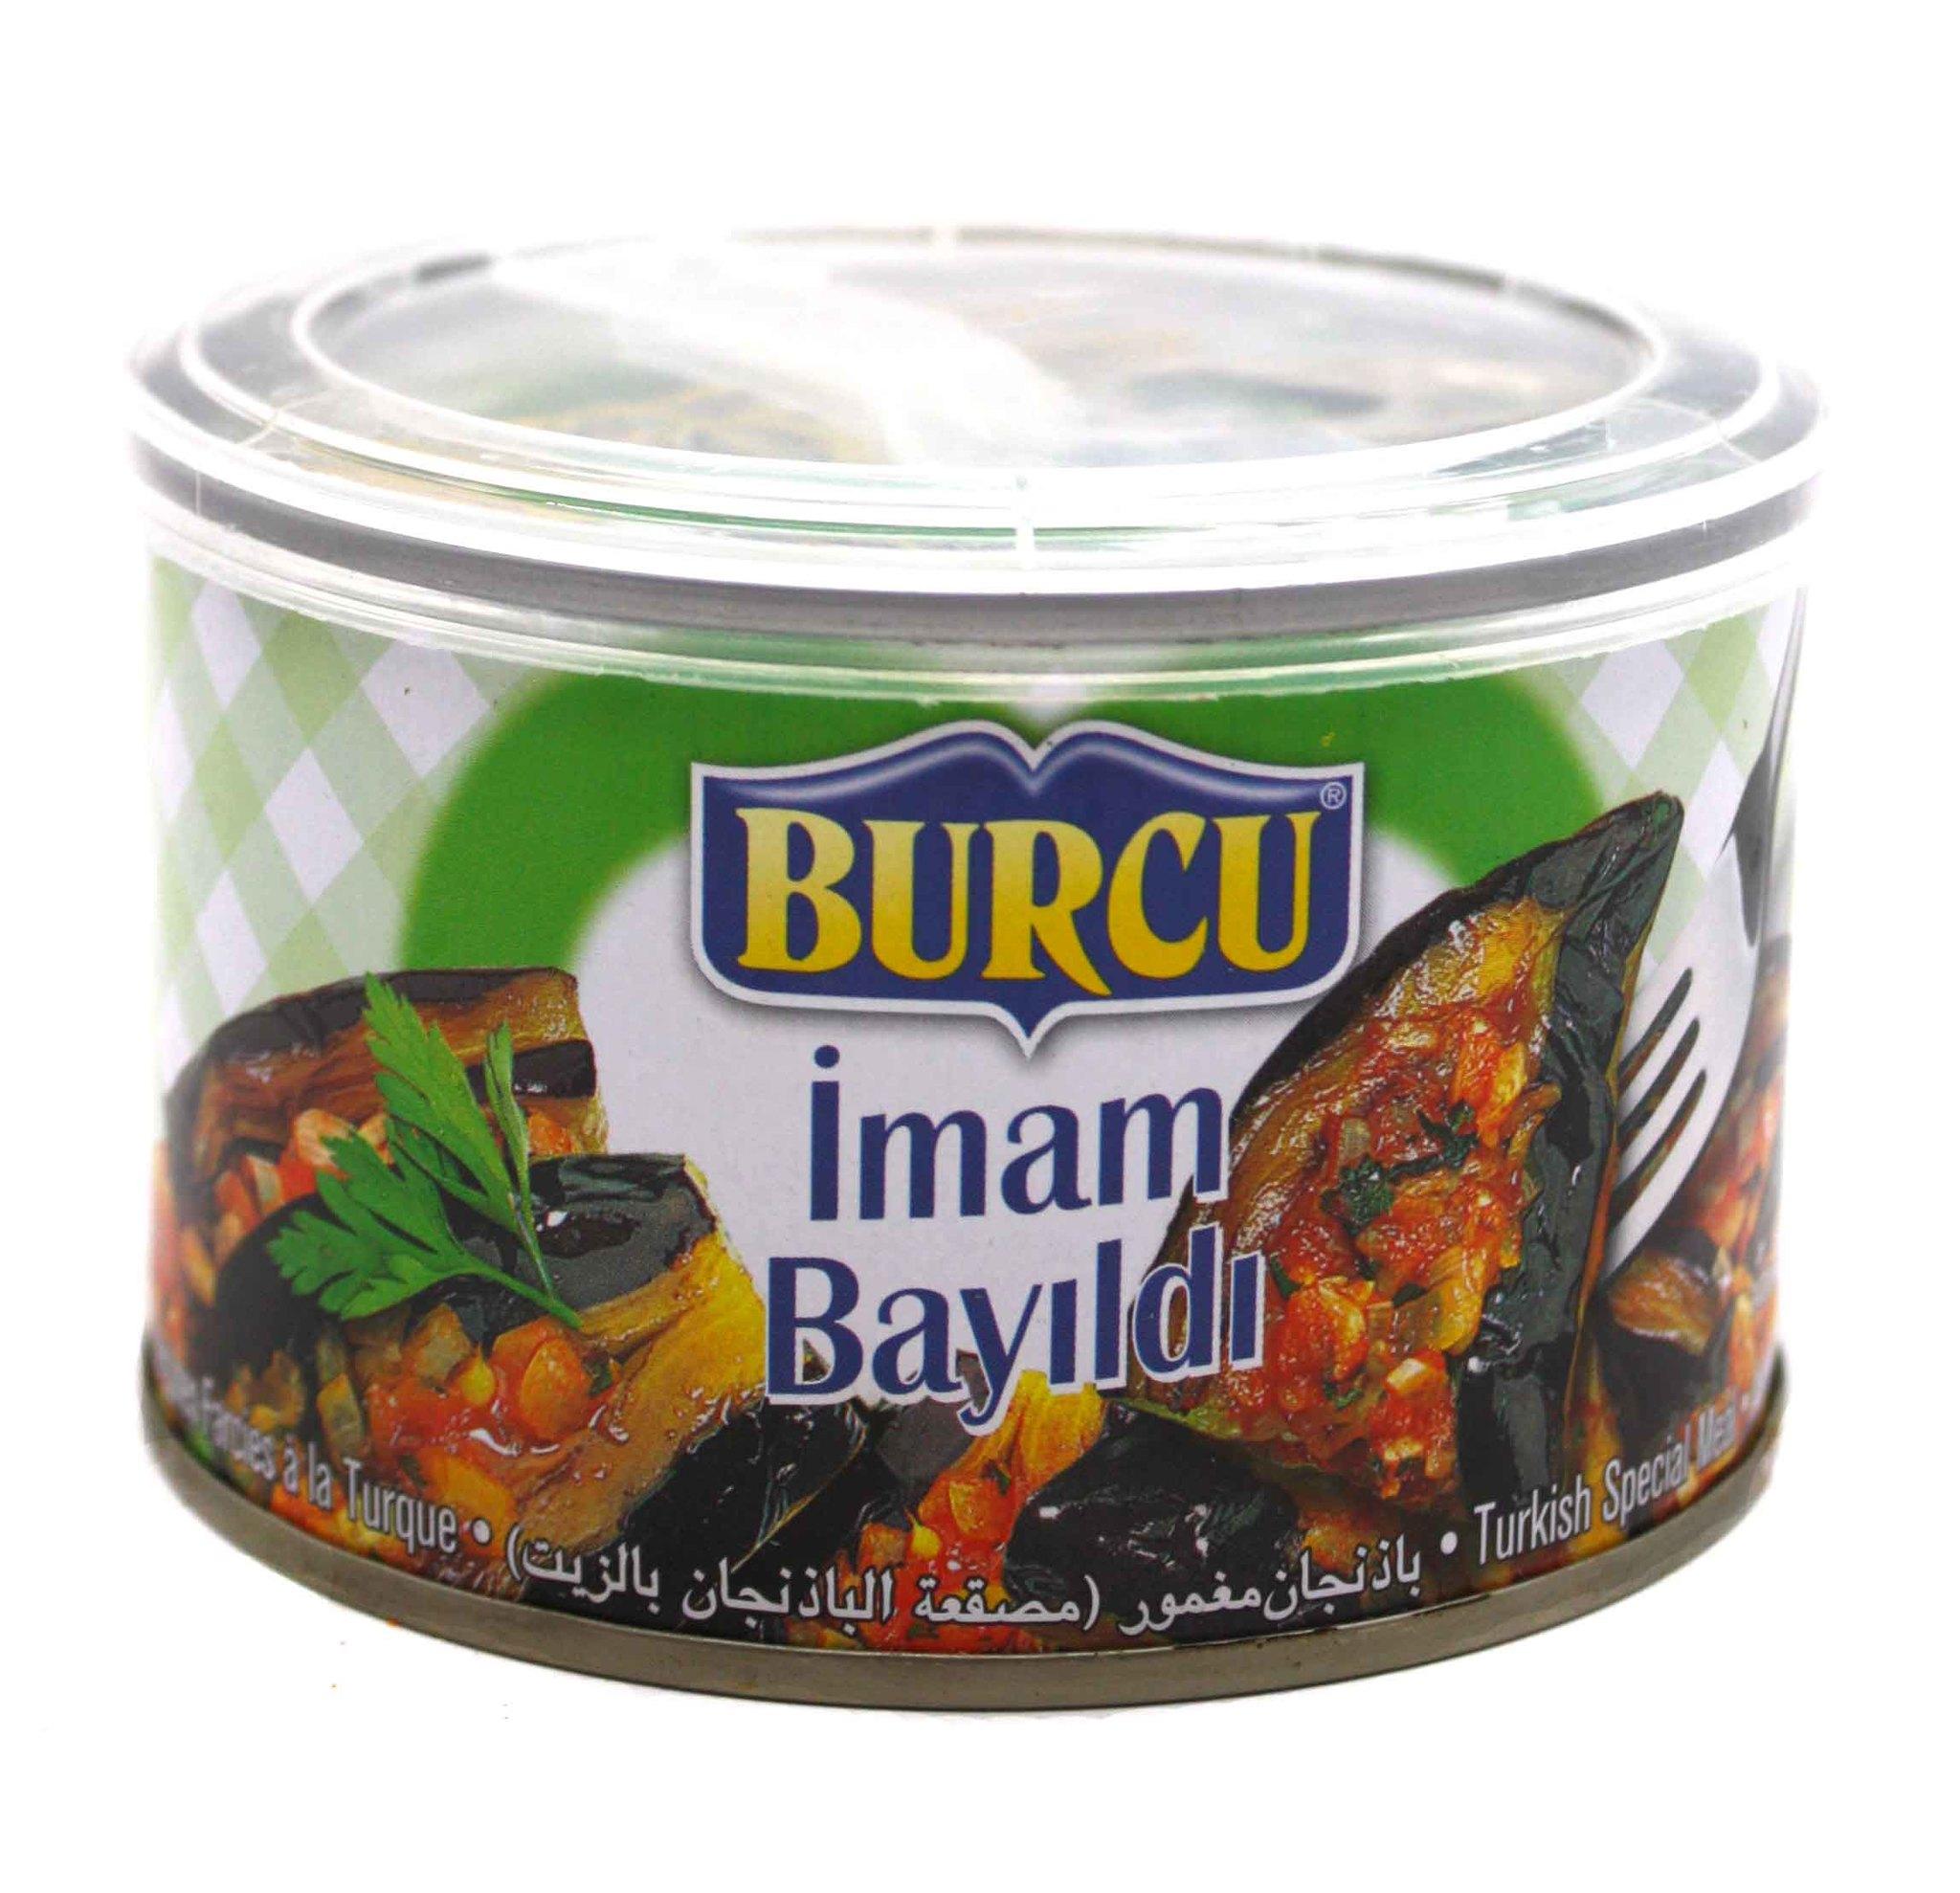 Консервы Консервированное овощное рагу, Burcu, 400 г import_files_bf_bf4d71f4ce3e11eaa9ce484d7ecee297_cf75097cd1a411eaa9ce484d7ecee297.jpg